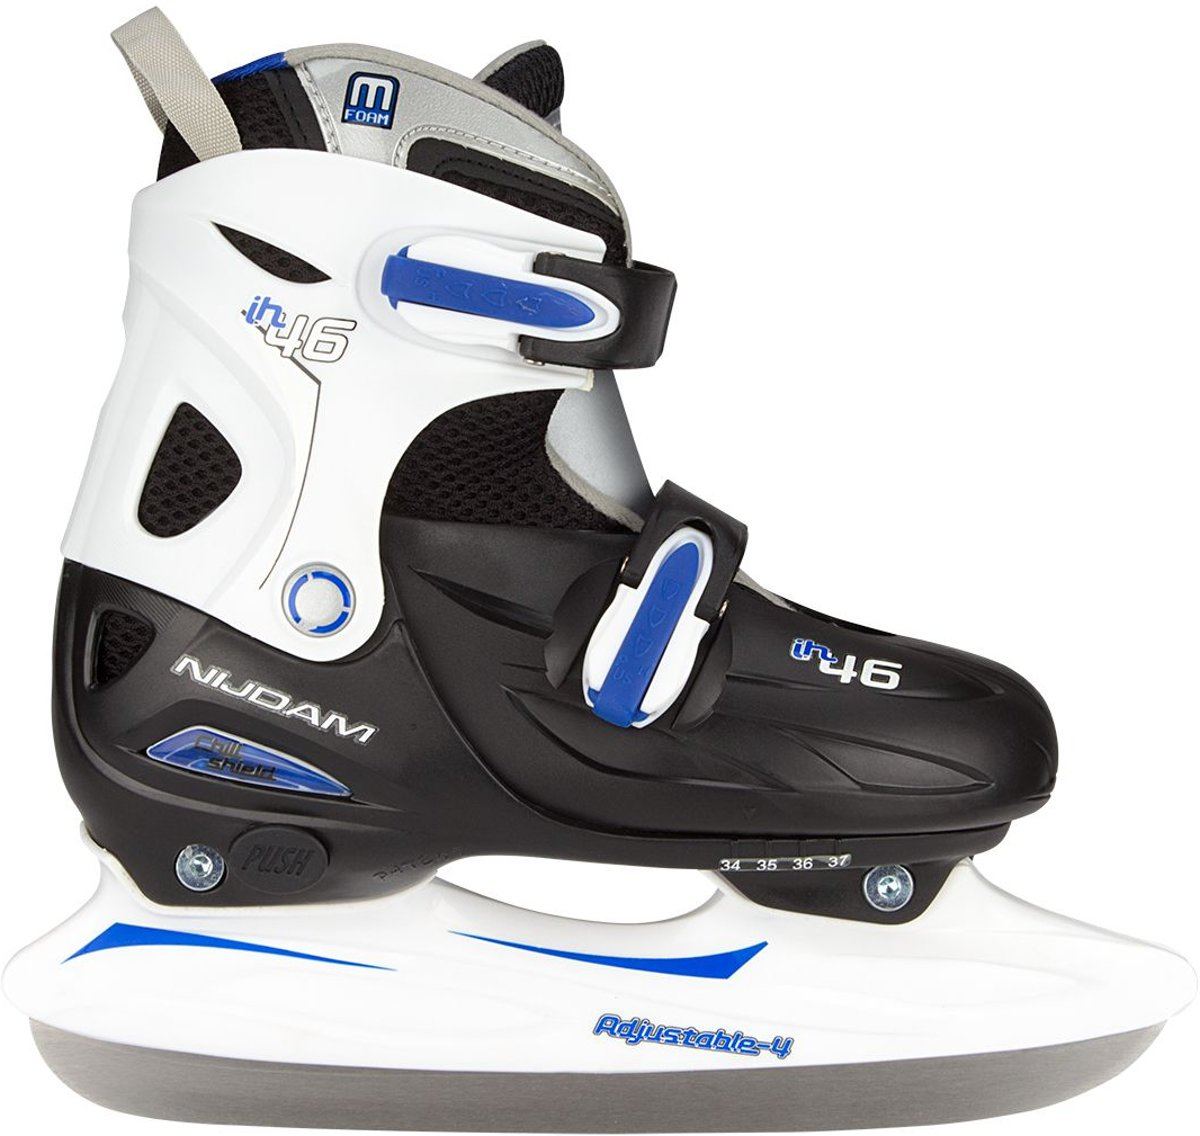 Nijdam Junior IJshockeyschaats Junior Verstelbaar - Hardboot - Zwart/Zilver/Blauw - 27-30